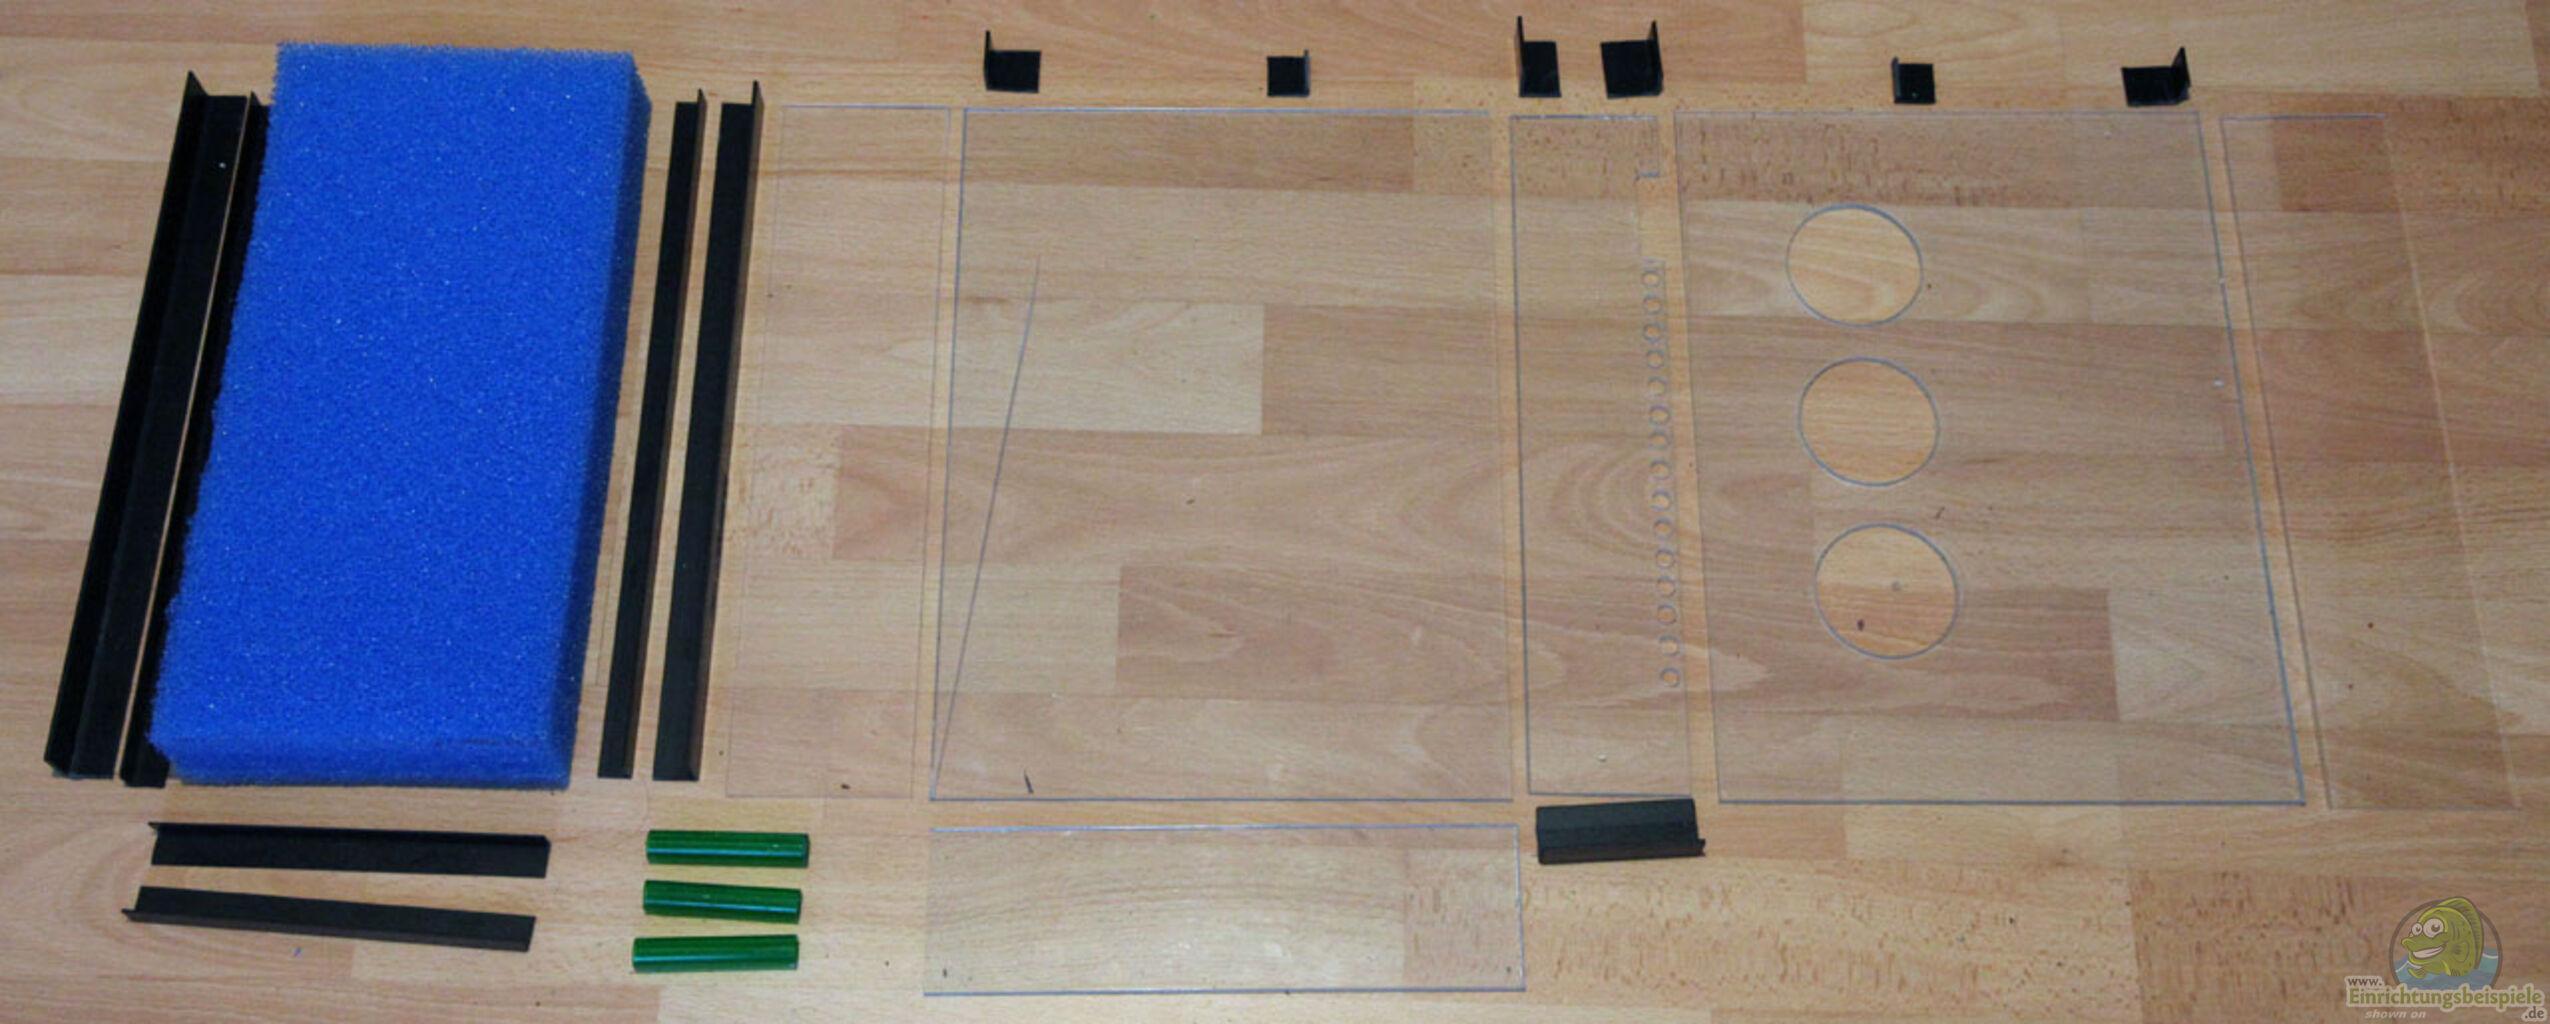 bauteile des hmf acrylglas profilleisten filtermatte aus kinderzimmerbecken von tilo schmiedl. Black Bedroom Furniture Sets. Home Design Ideas